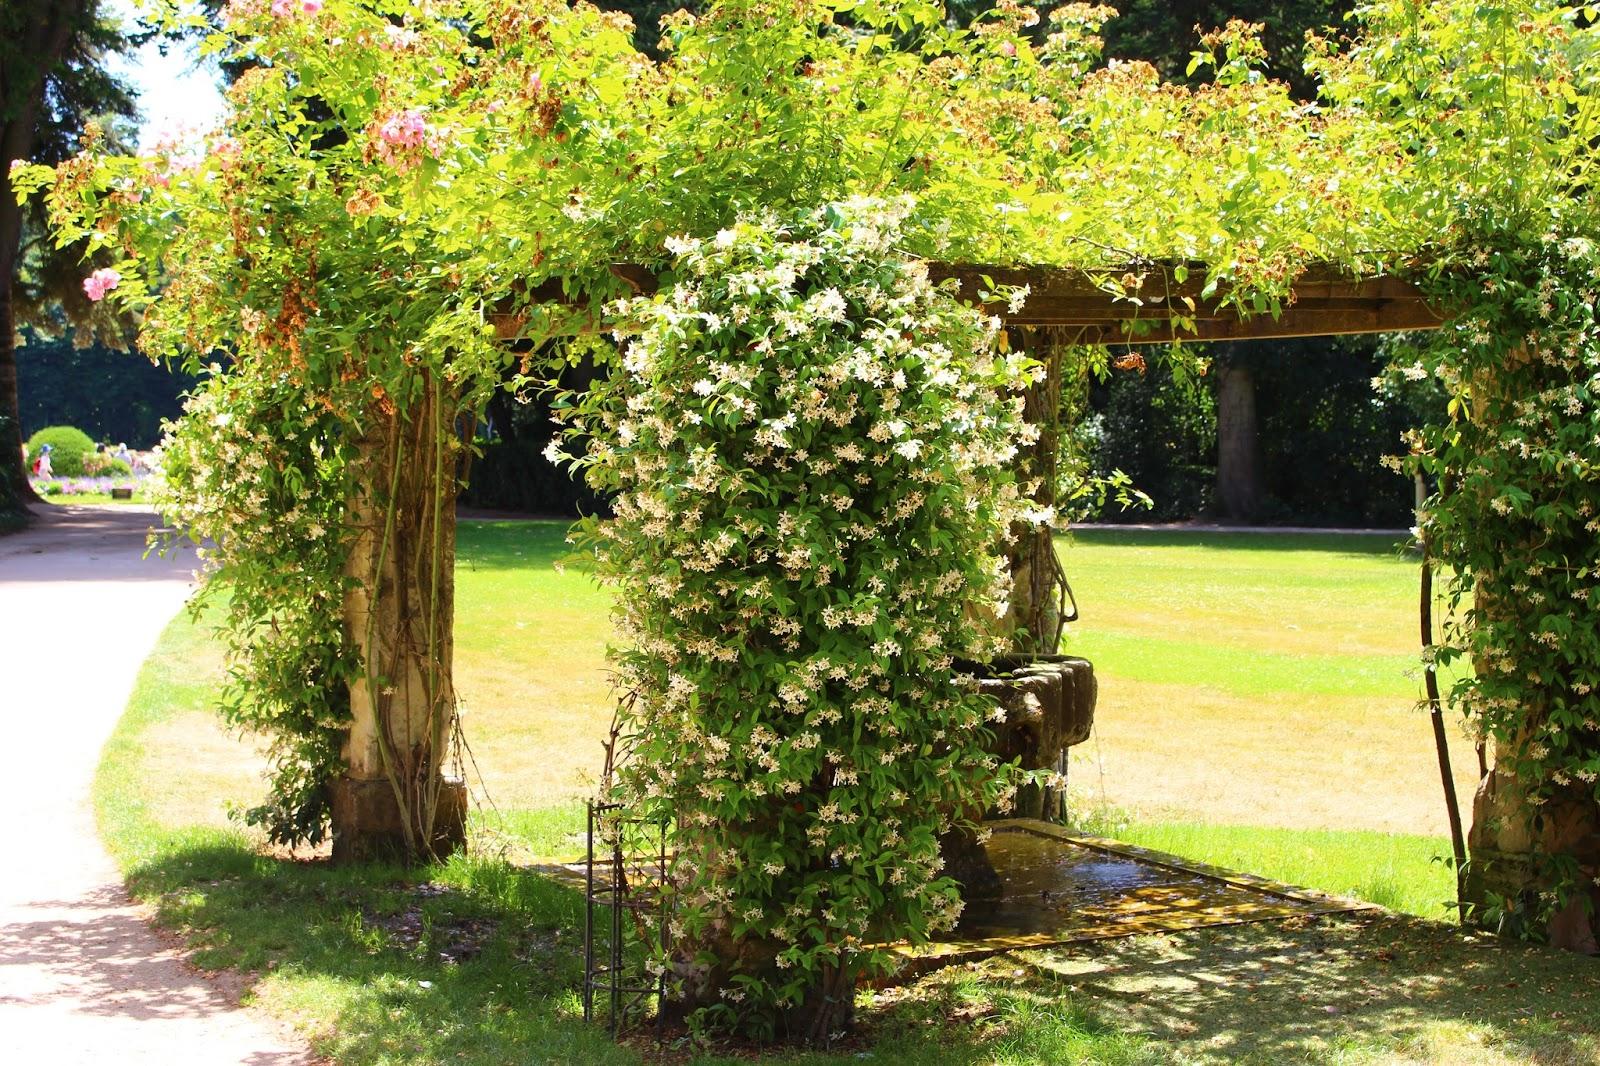 Roses du jardin ch neland jardin vert au ch teau de - Jardin de chen ...